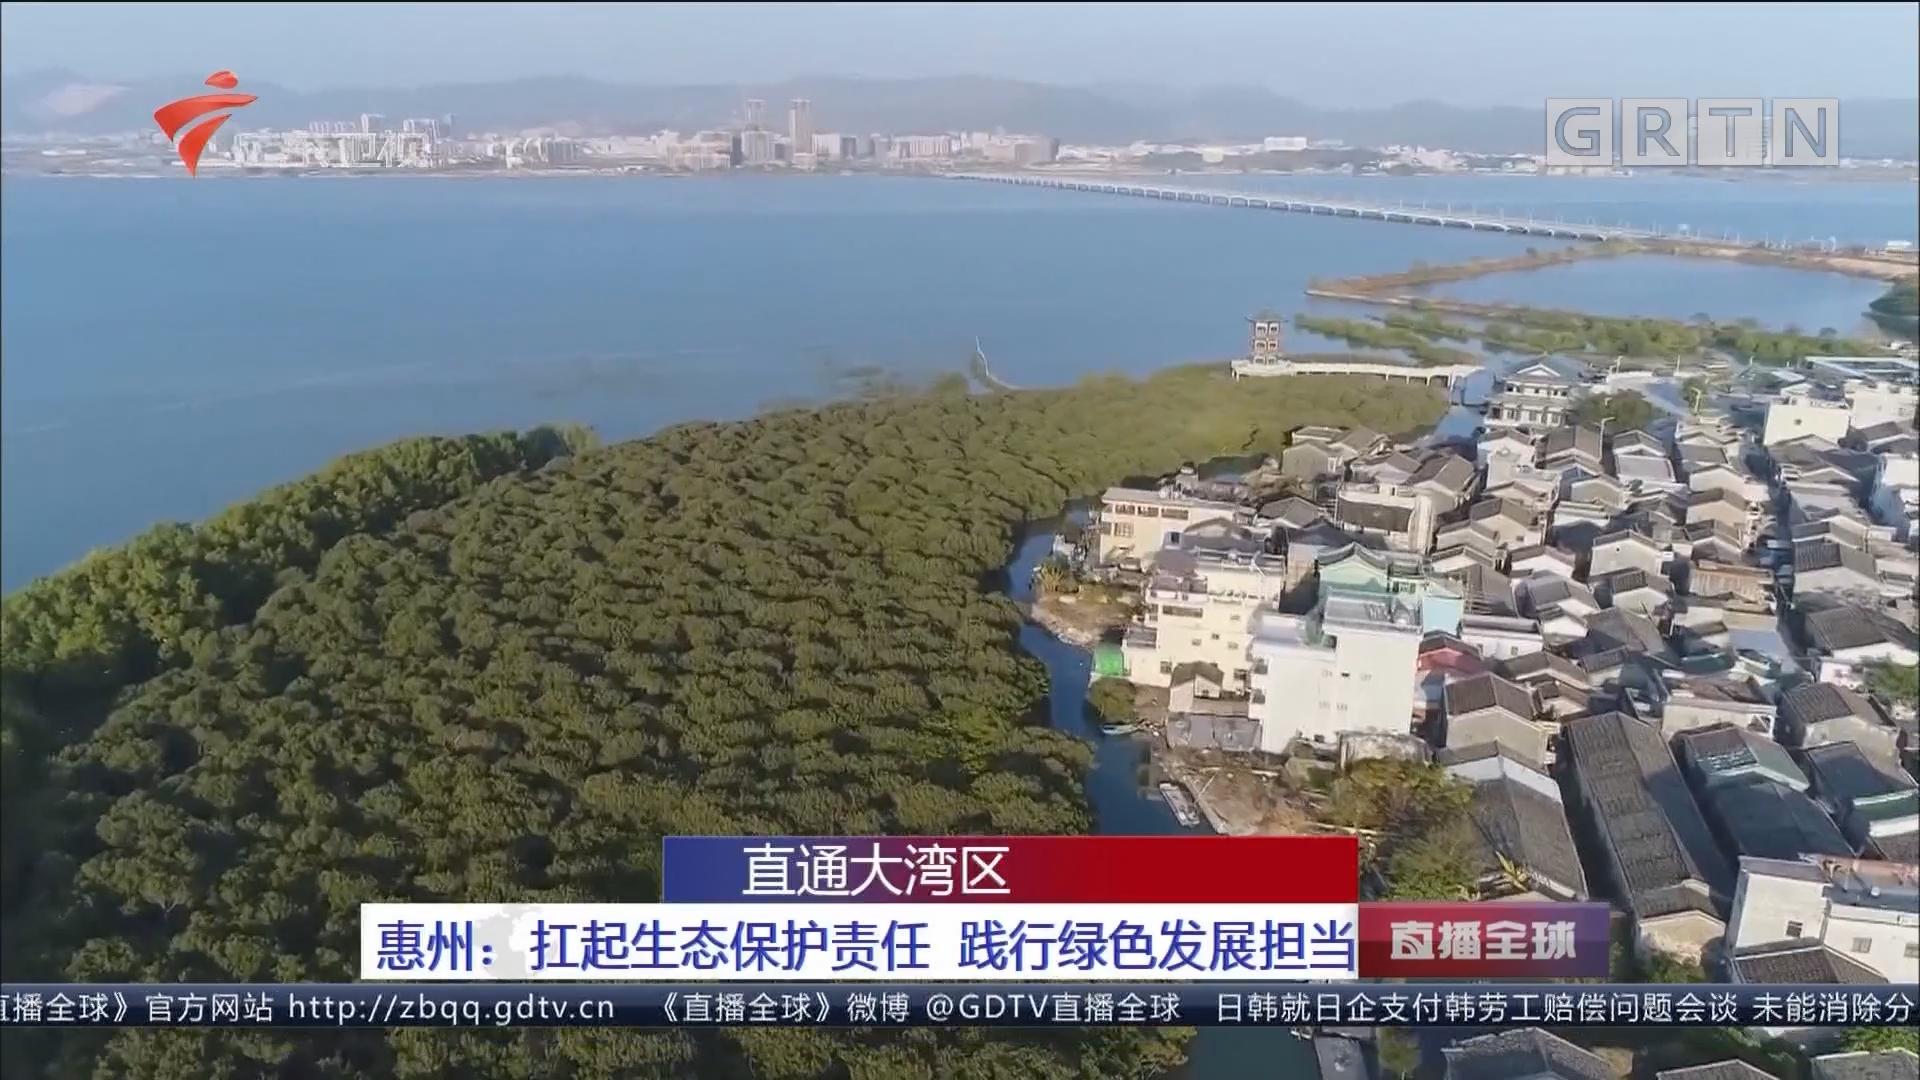 直通大湾区 惠州:扛起生态保护责任 践行绿色发展担当